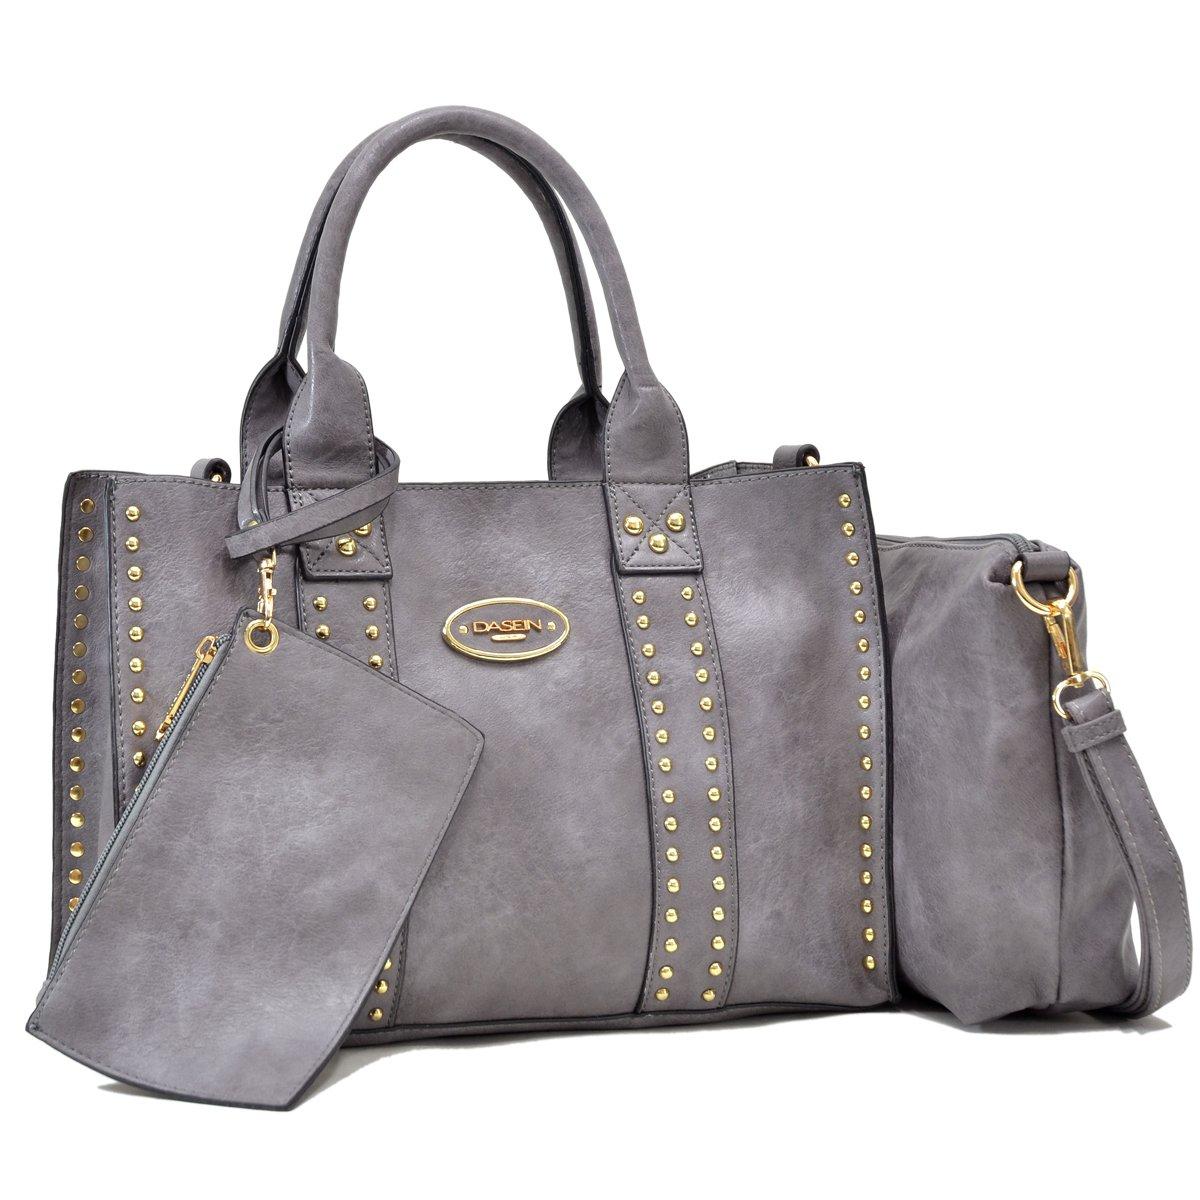 Women Handbag 3 Pieces Set Faux Leather Shoulder Bag Satchel Purse 3 in 1 Plaid Design 2 Pieces 2pcs (0620-3pcs-Grey)